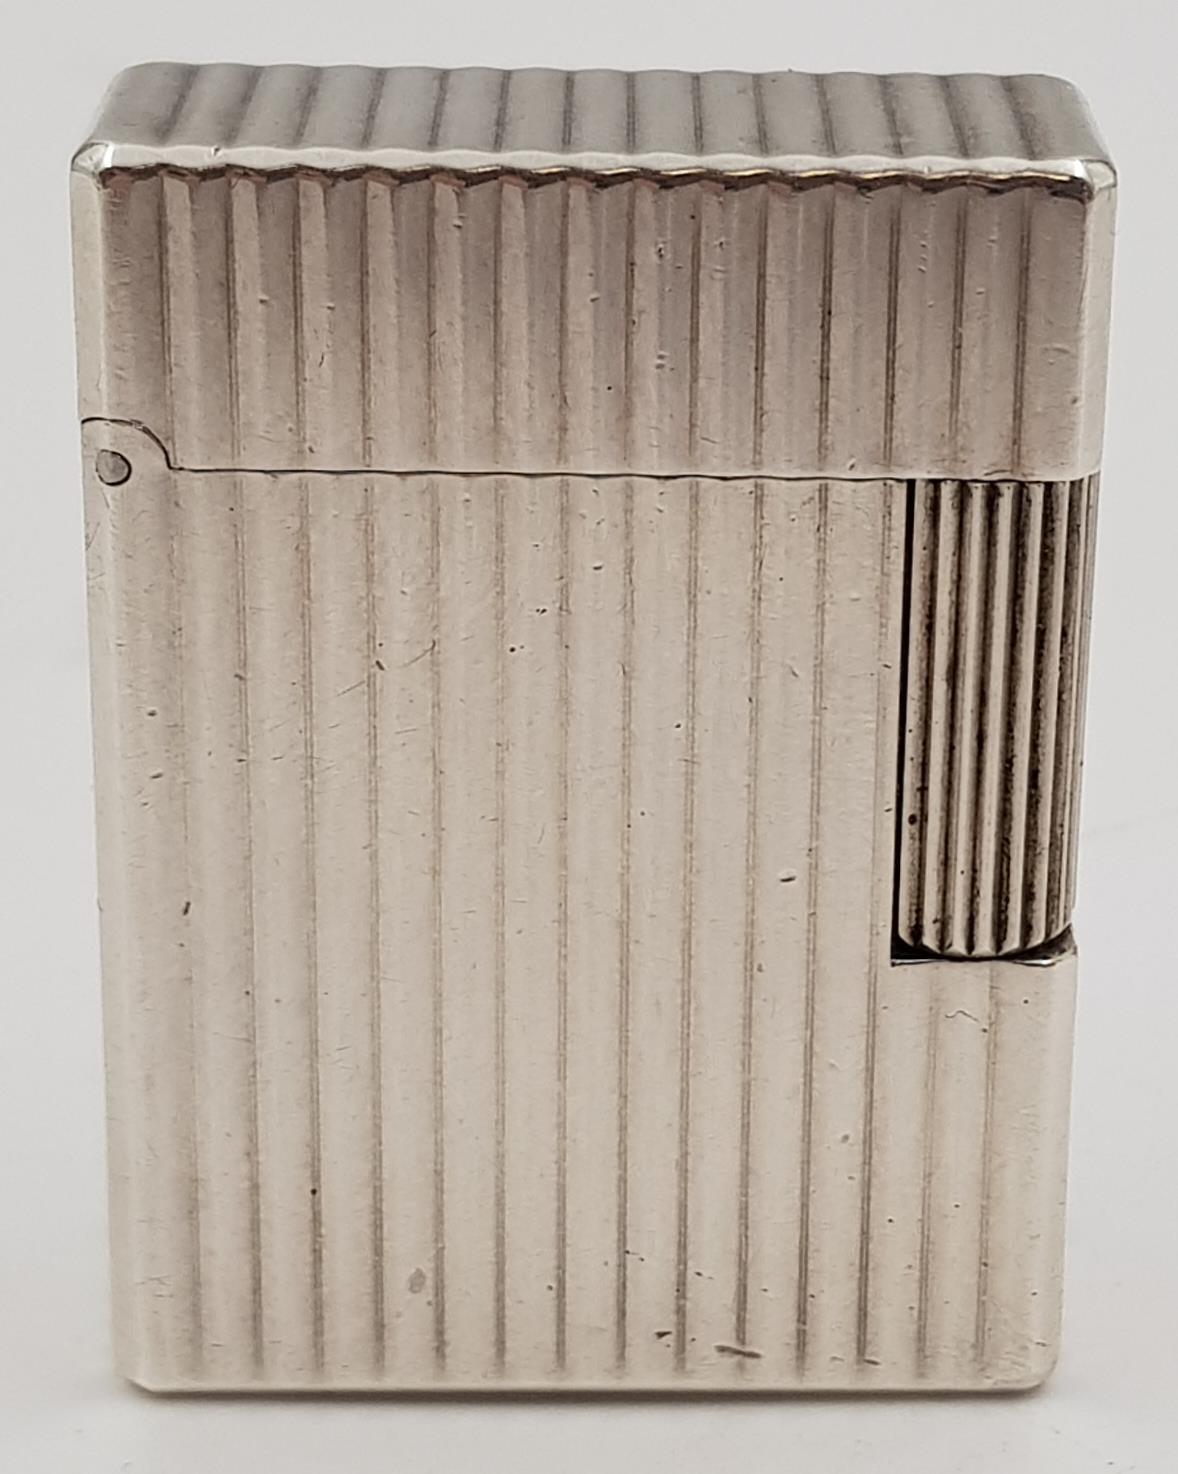 A vintage silver S.T Dupont lighter.